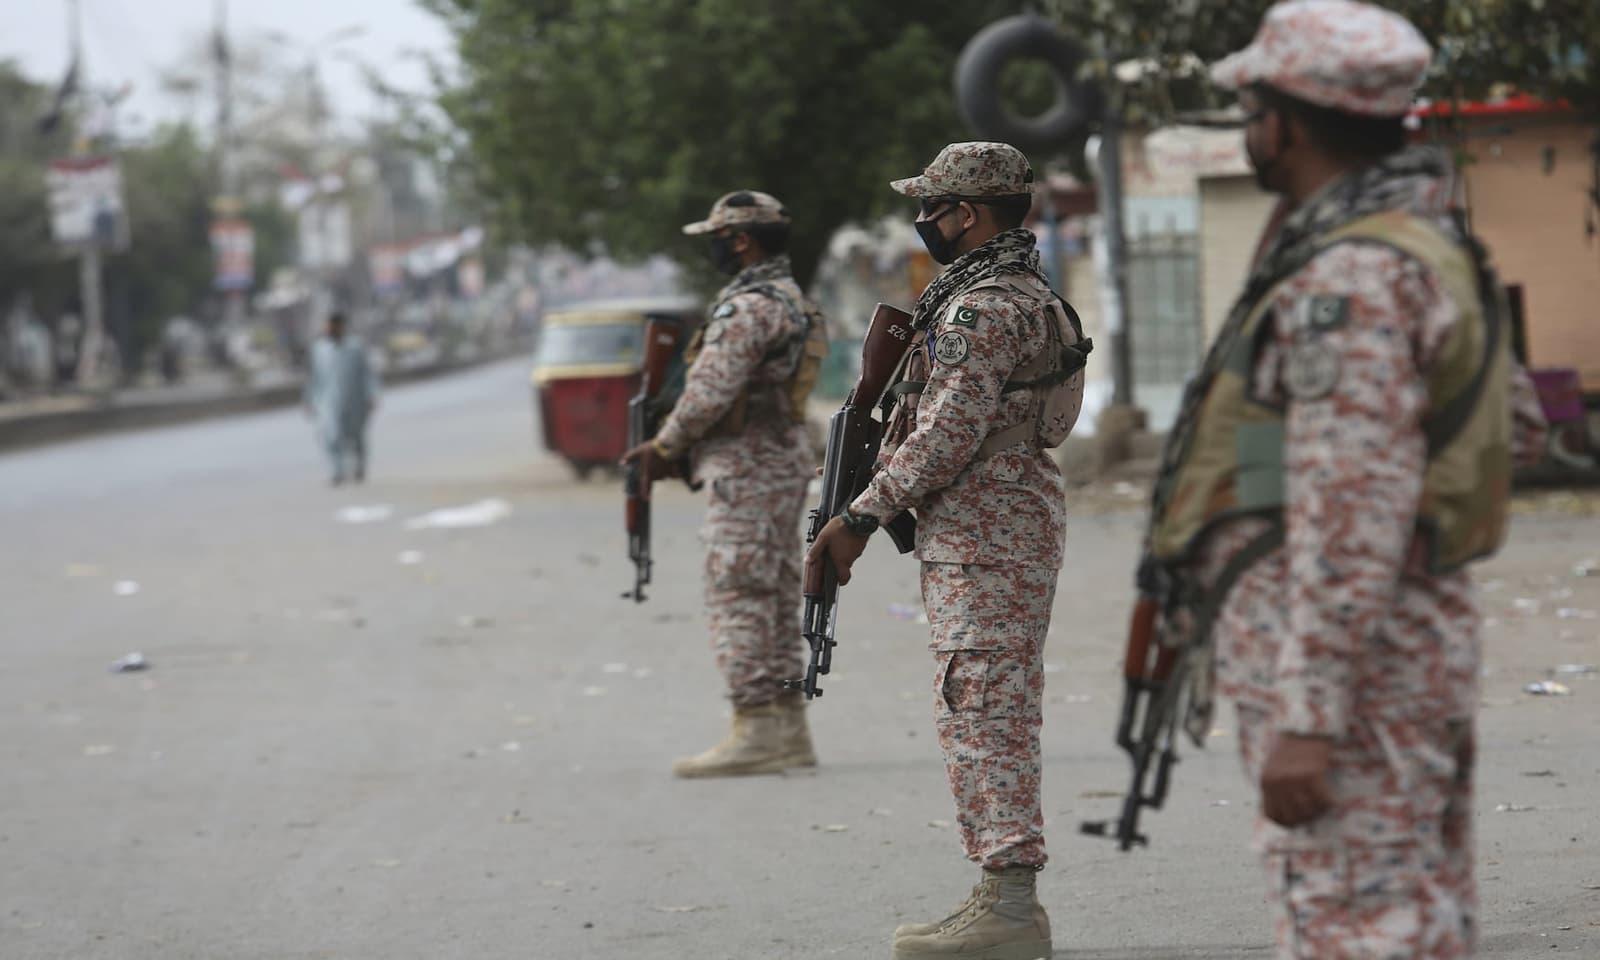 کراچی میں مکمل لاک ڈاؤن کے باعث سیکیورٹی اہلکار چوکس نظر آرہے ہیں — فوٹو: اے پی